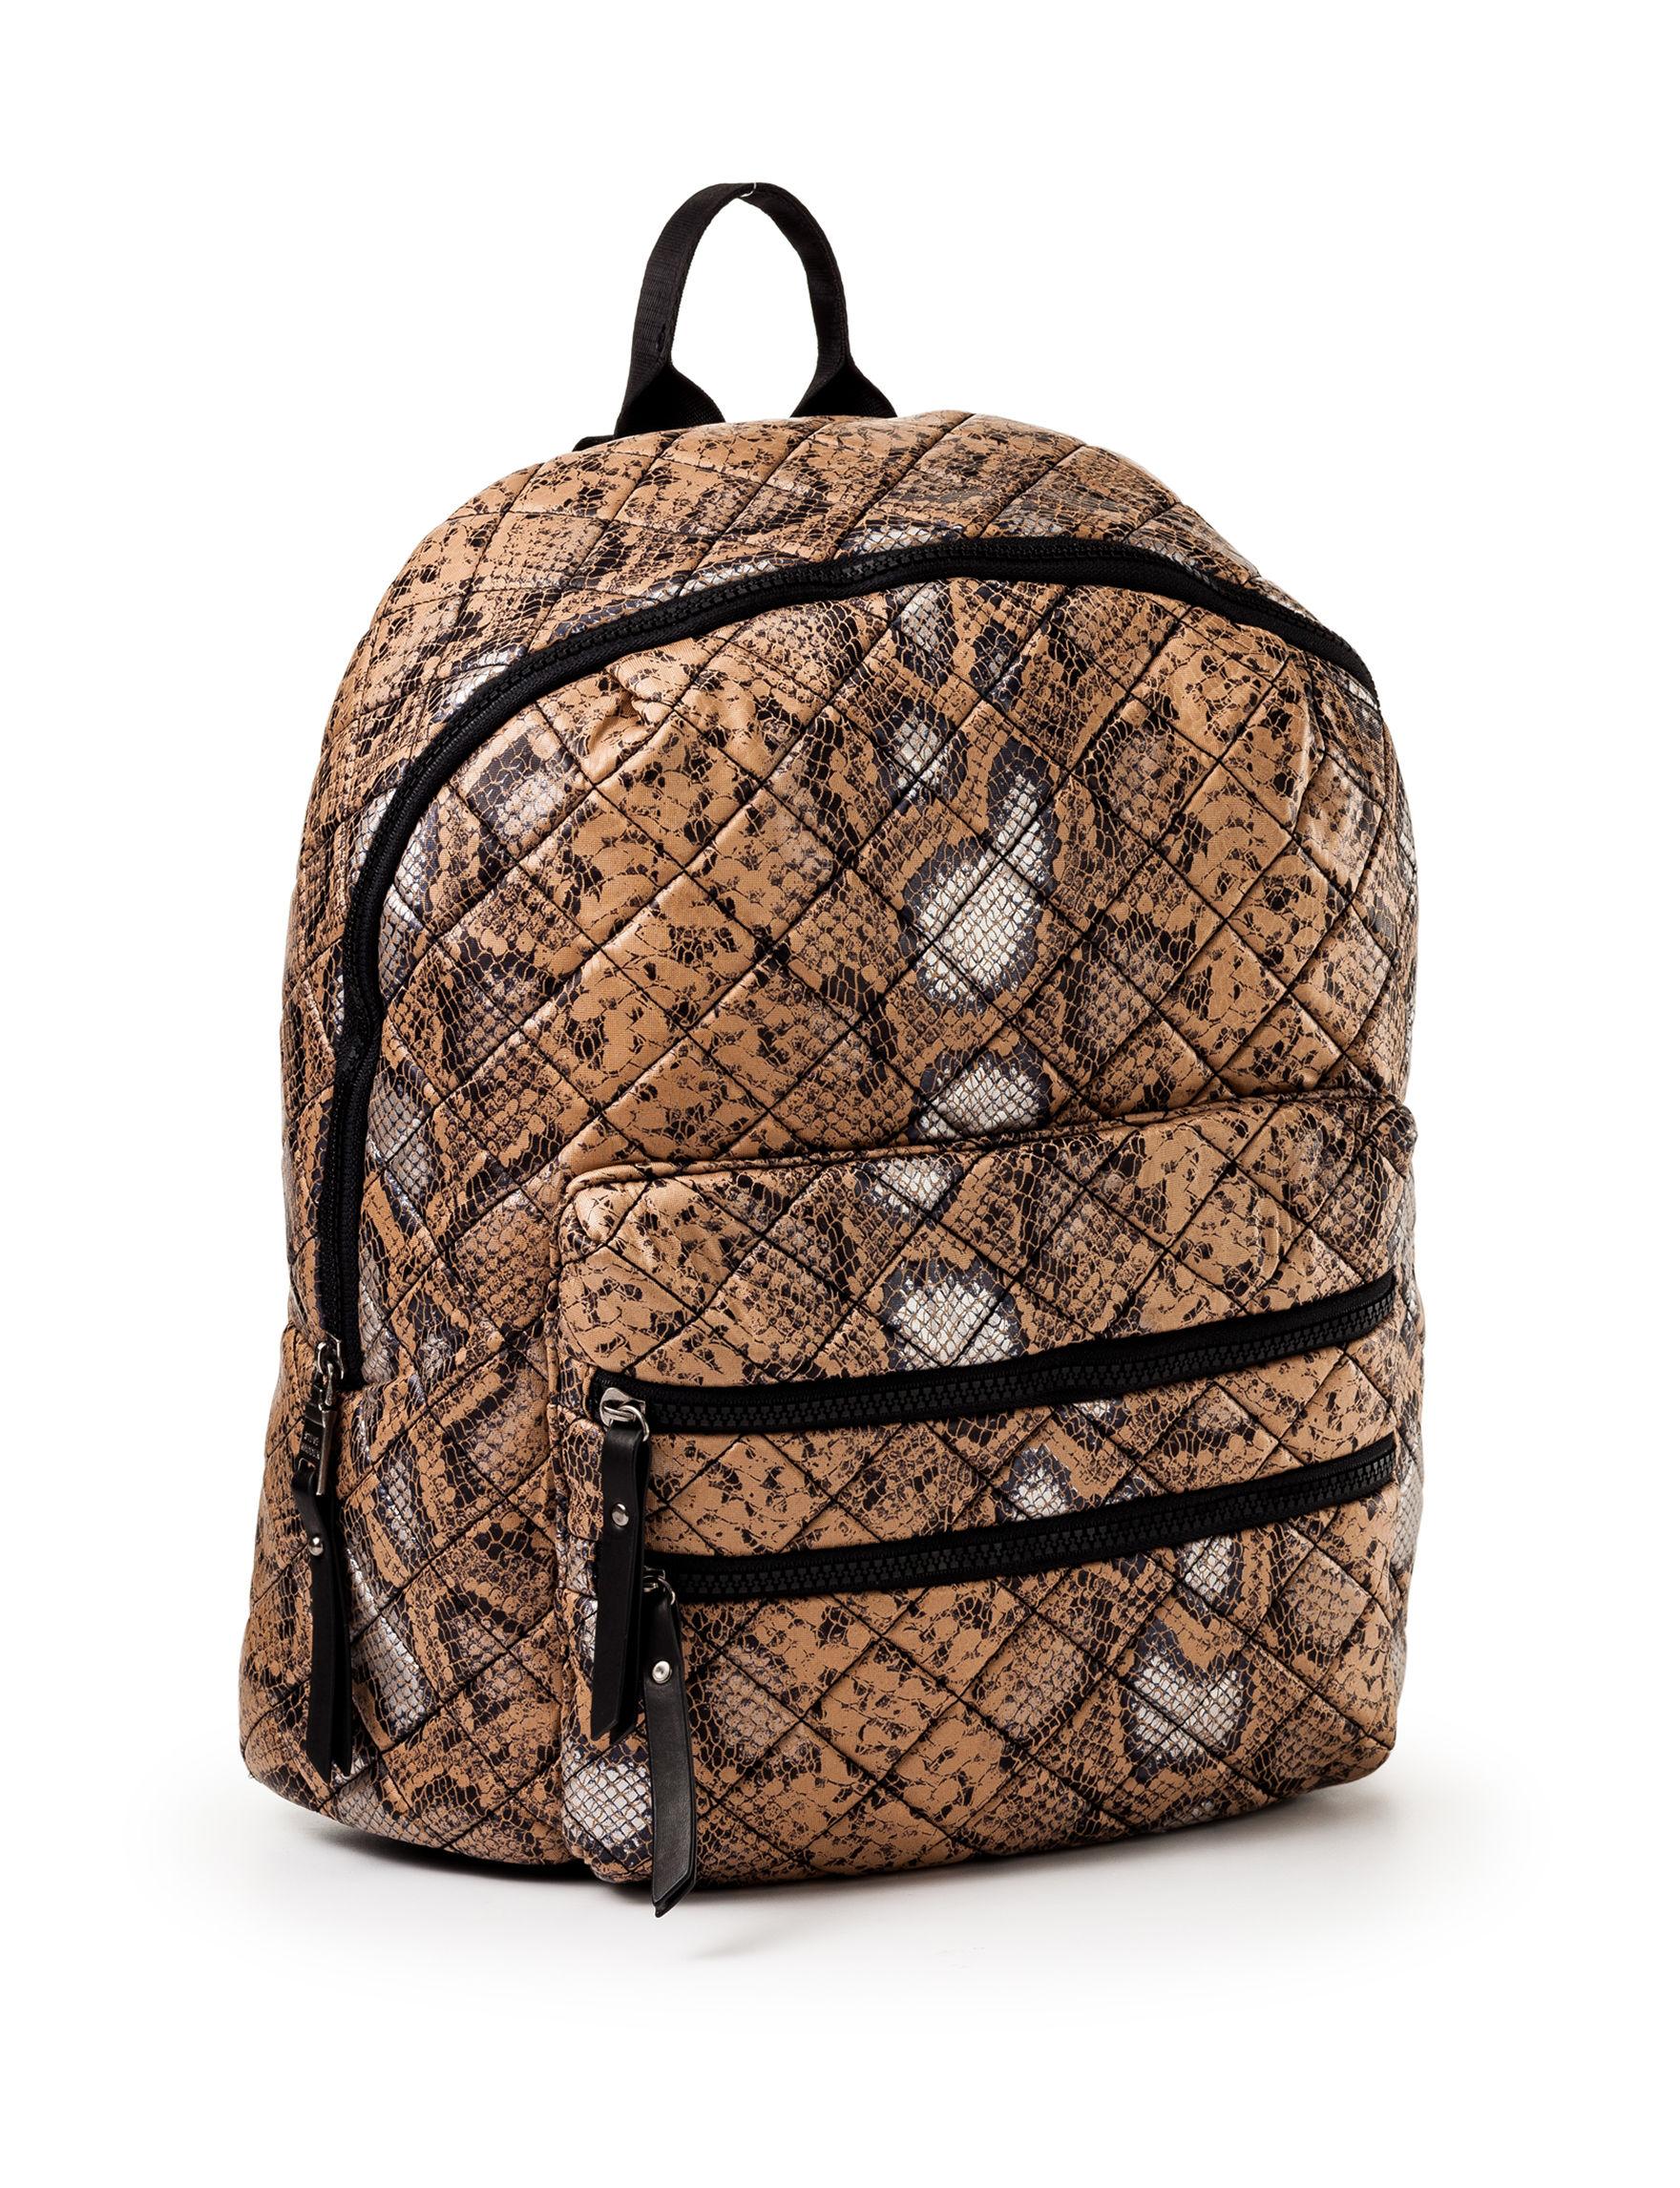 Steve Madden Natural Bookbags & Backpacks